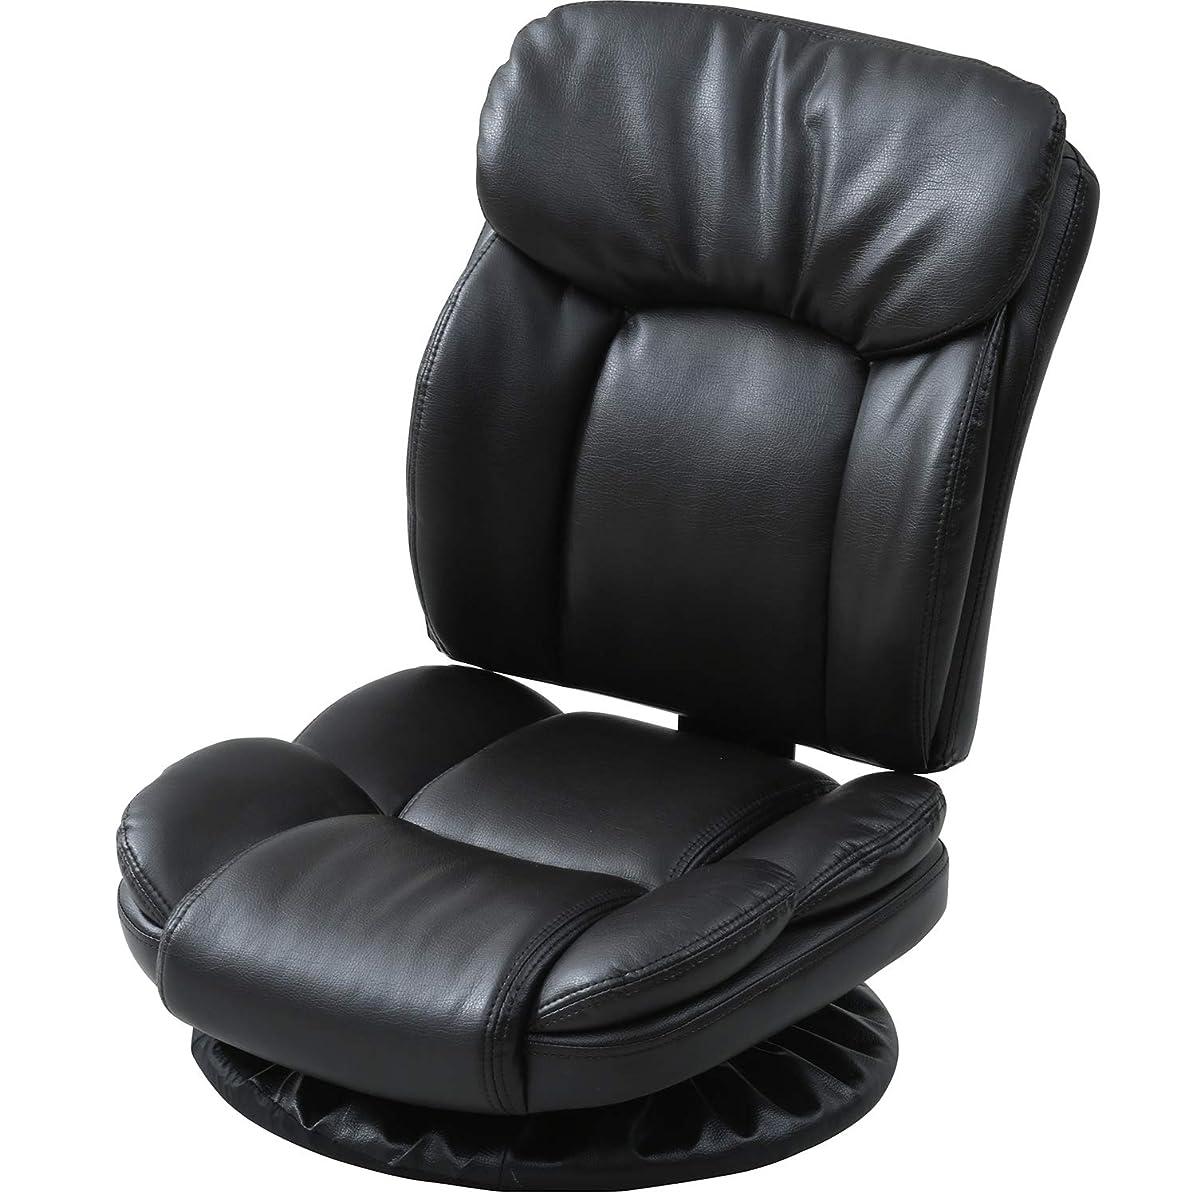 重量後退するナプキン山善 回転座椅子 幅46×奥行62×高さ62cm ふかふか レザー(合成皮革) 組立品 ダークブラウン MKL-53(DBR)